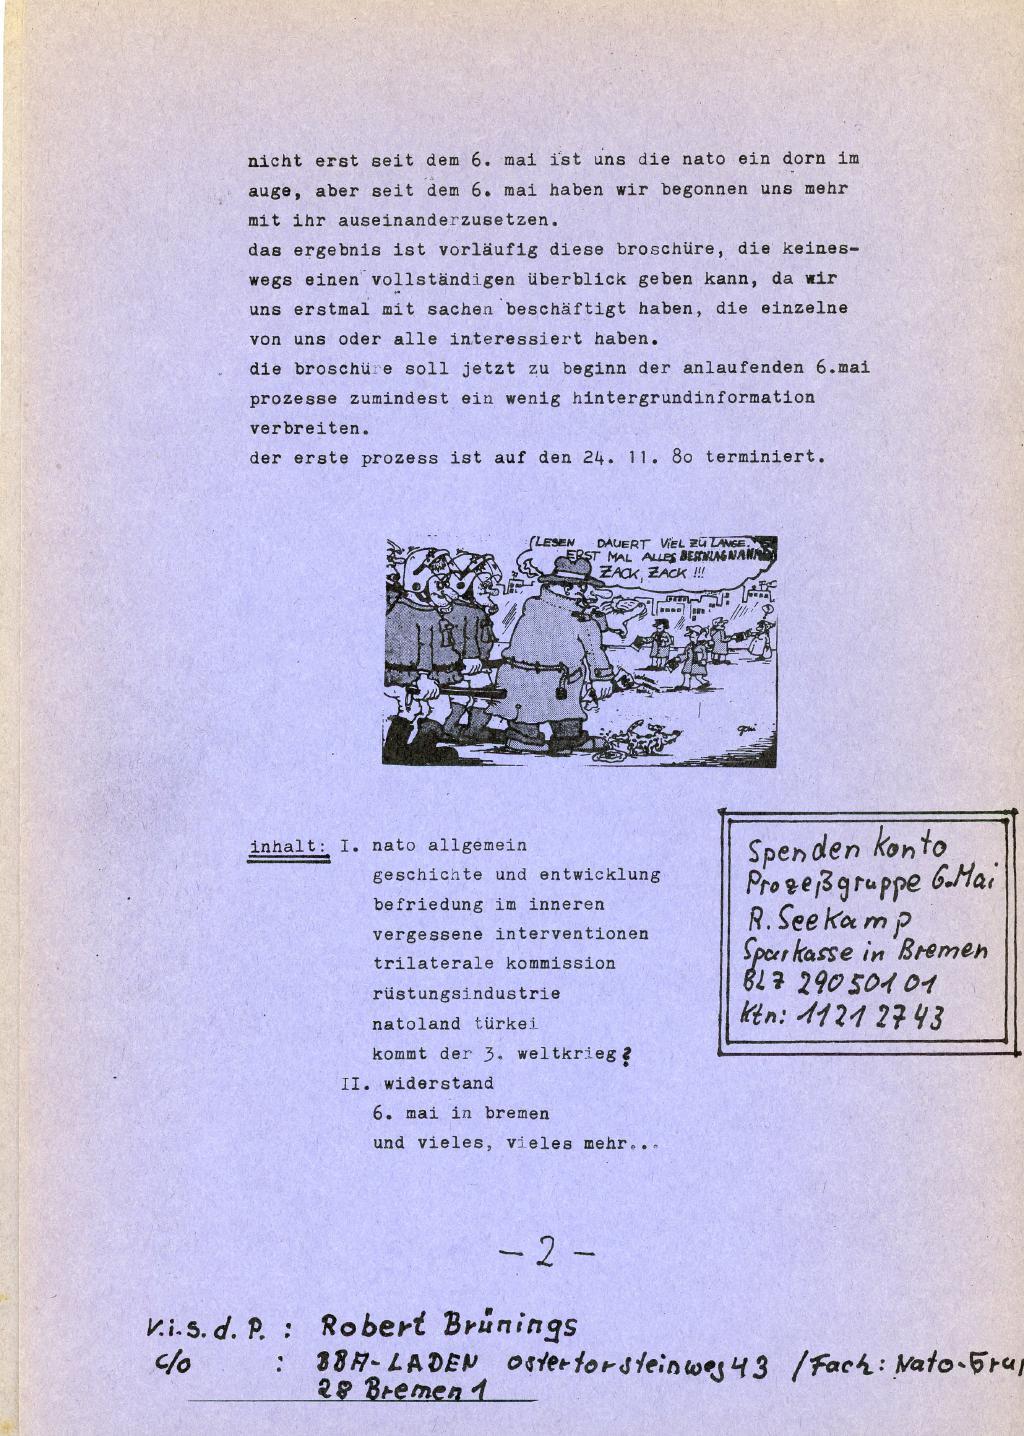 Bremen_1980_NATO_Broschuere_02